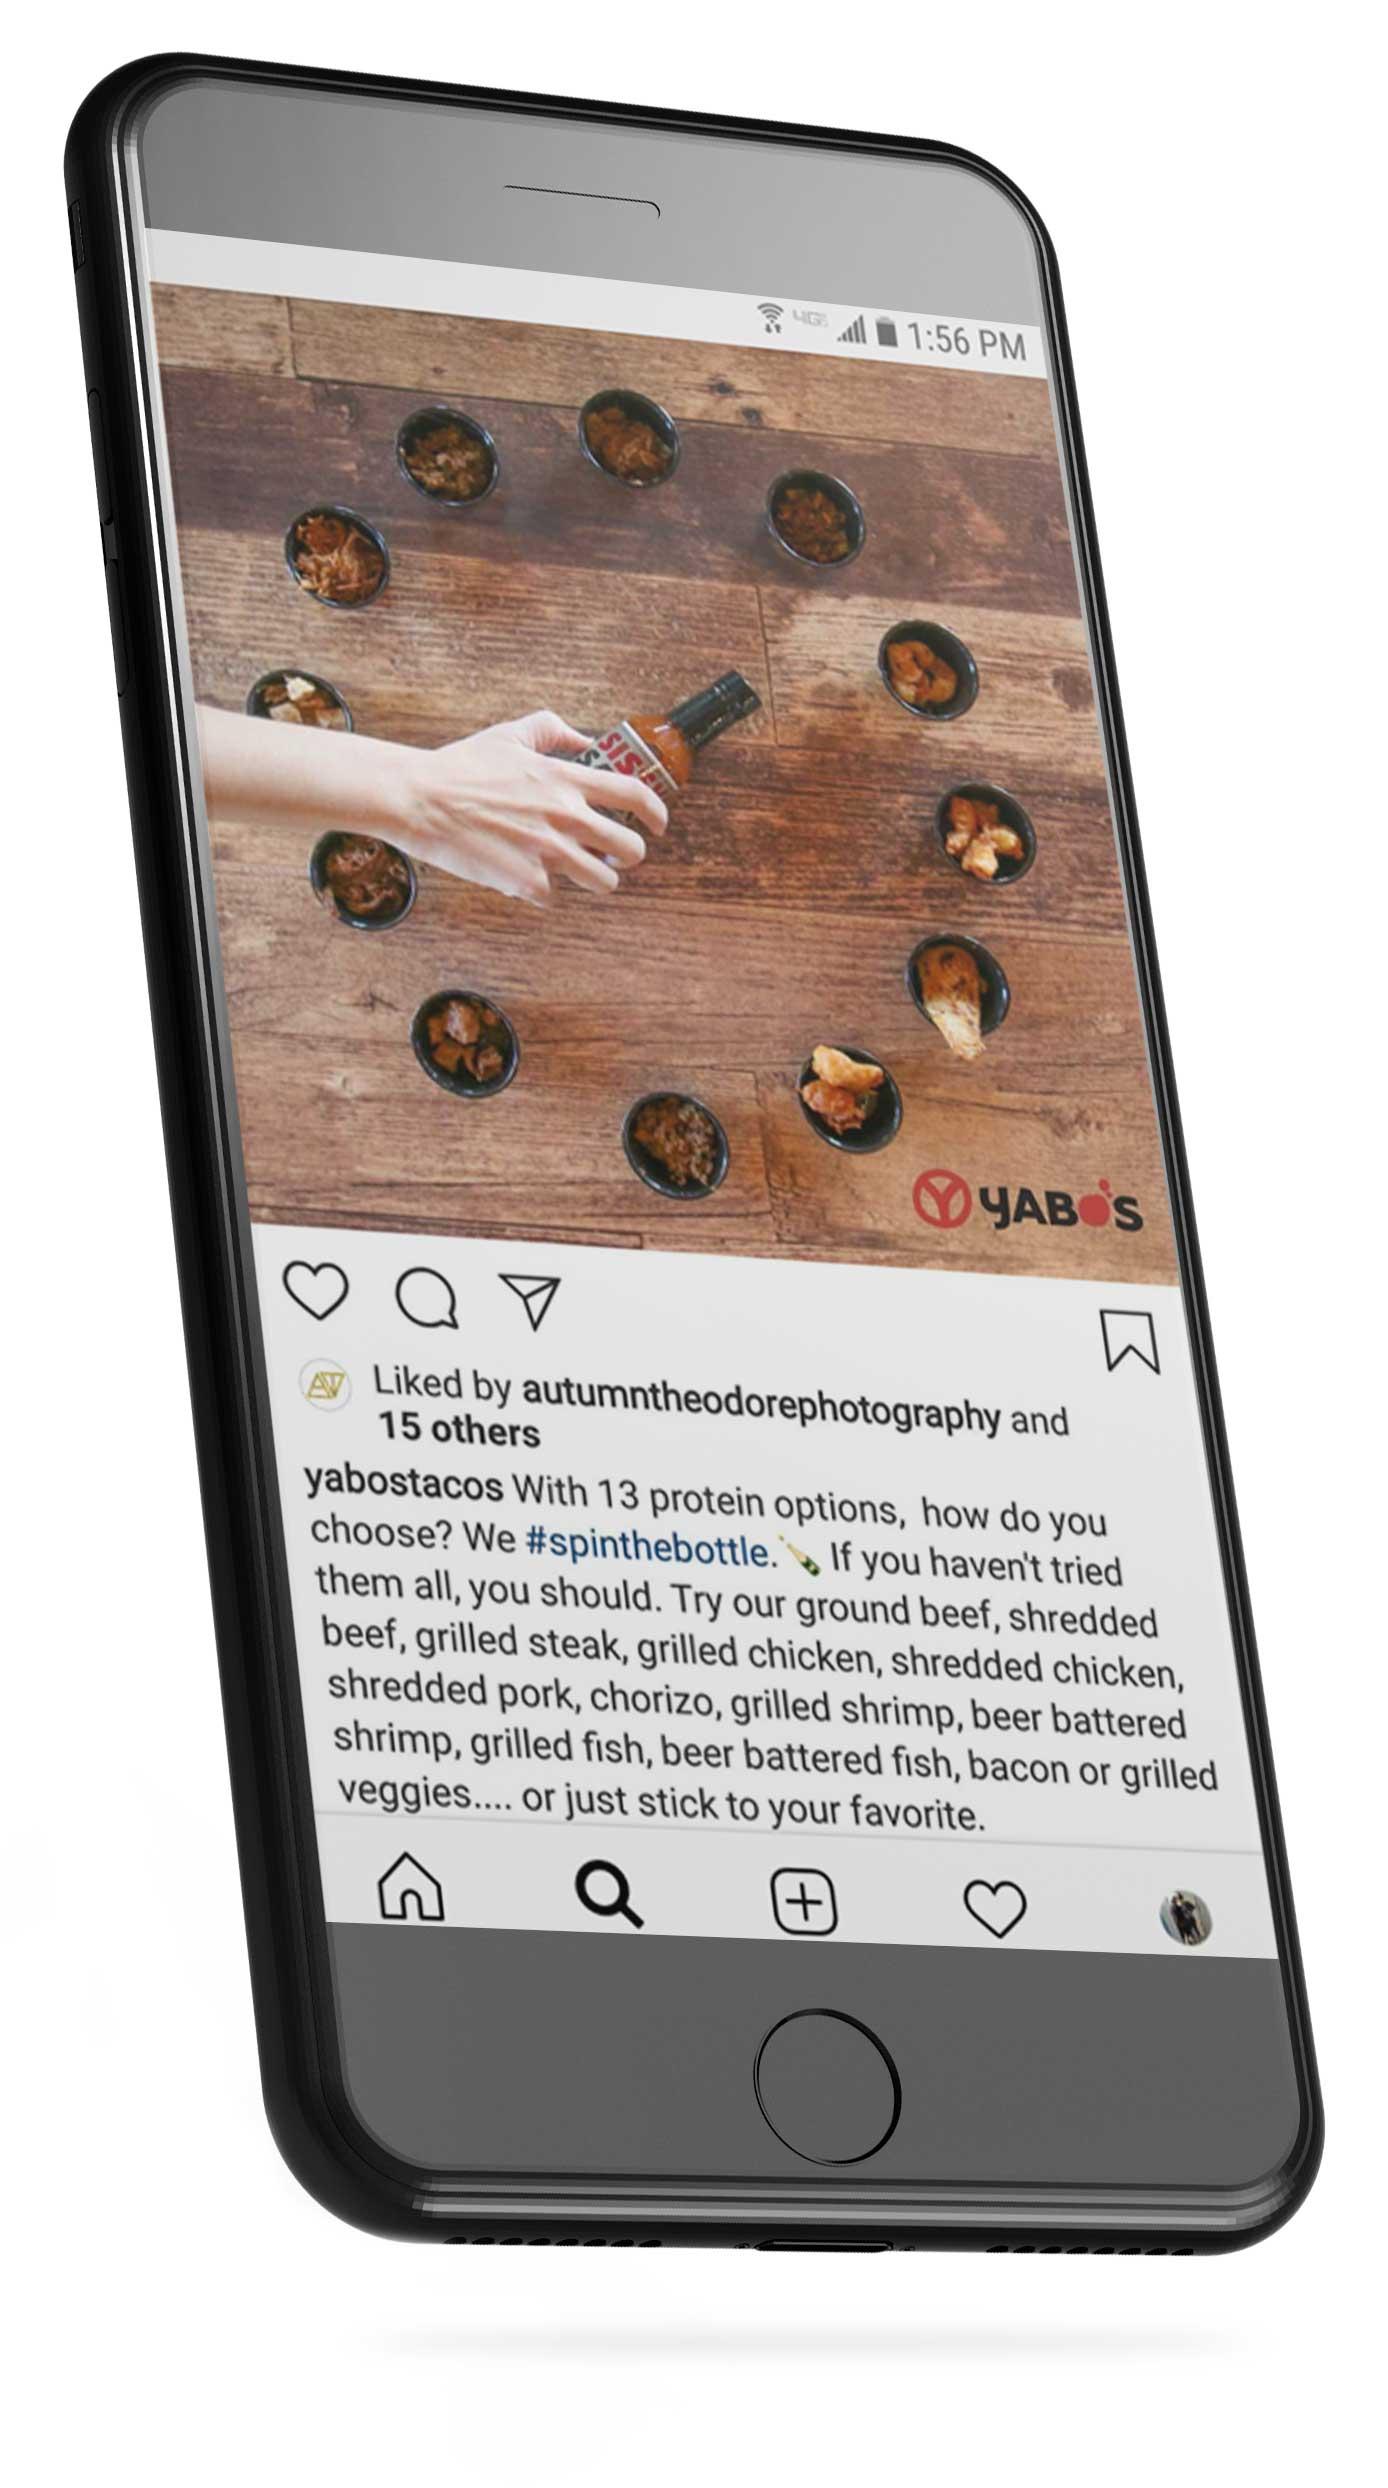 Yabos-Branding-Social-Media-6.jpg